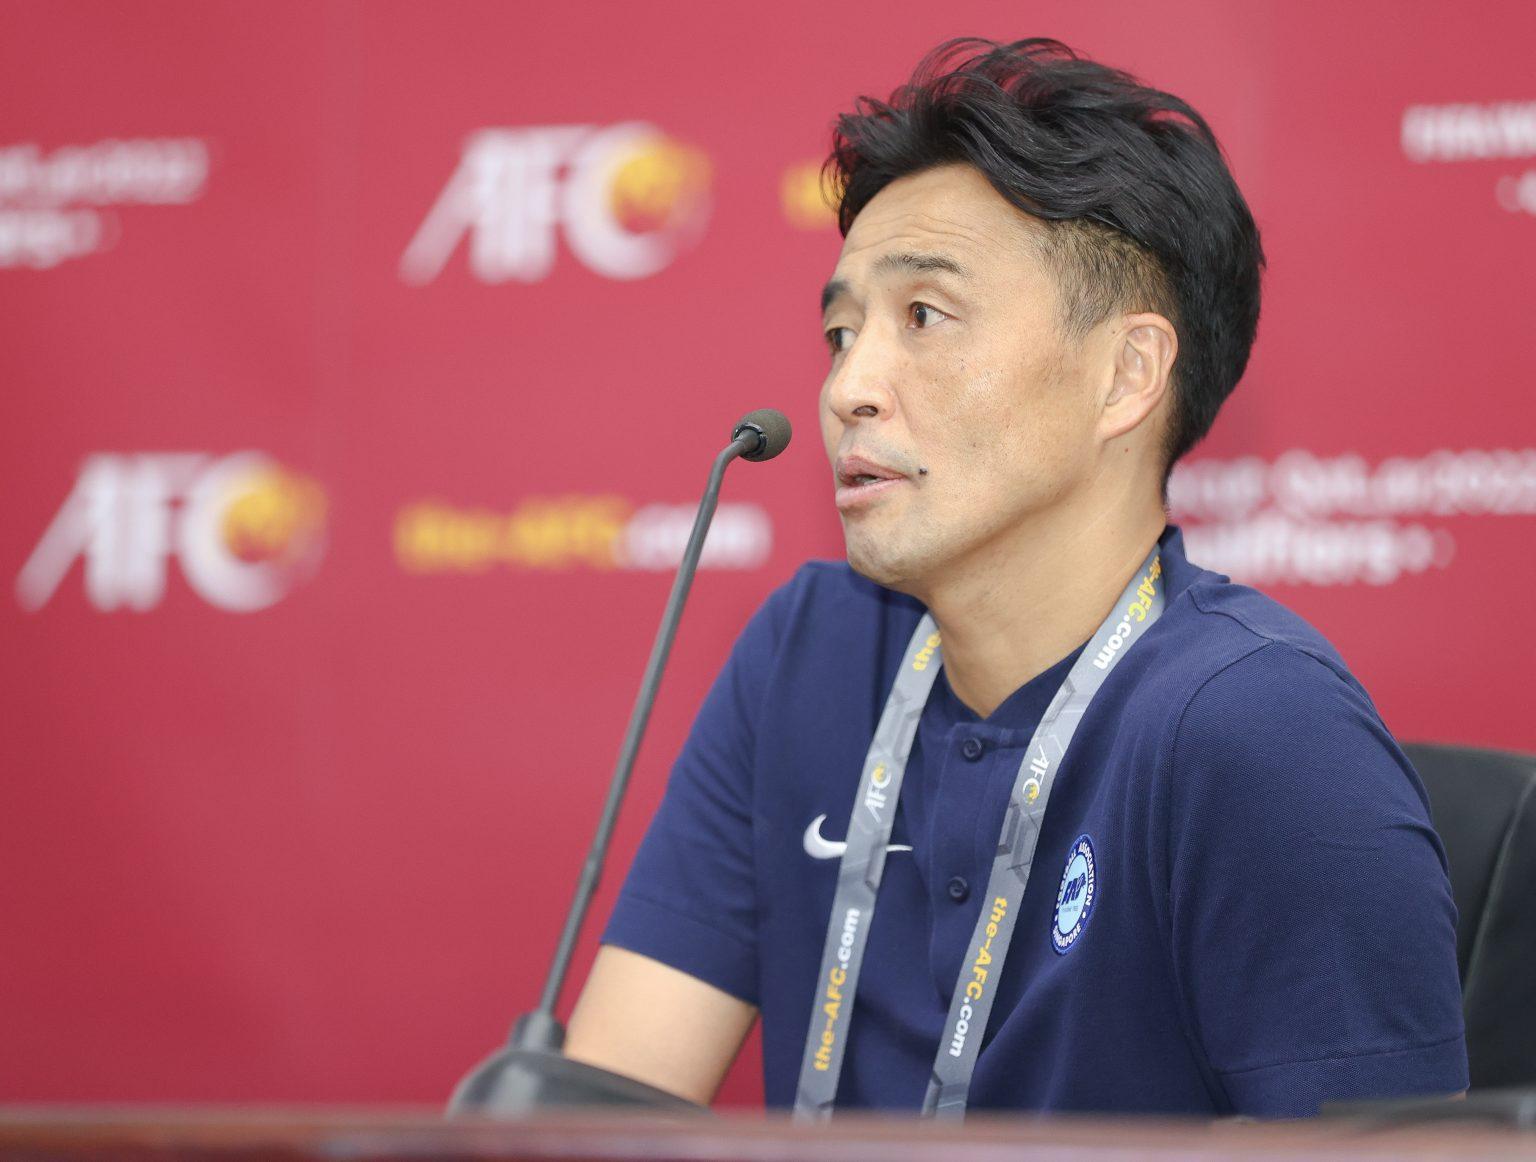 Tatsuma-Yoshida-7-June-2021-Credit-Saudi-Arabian-Football-Fededration-1536x1162